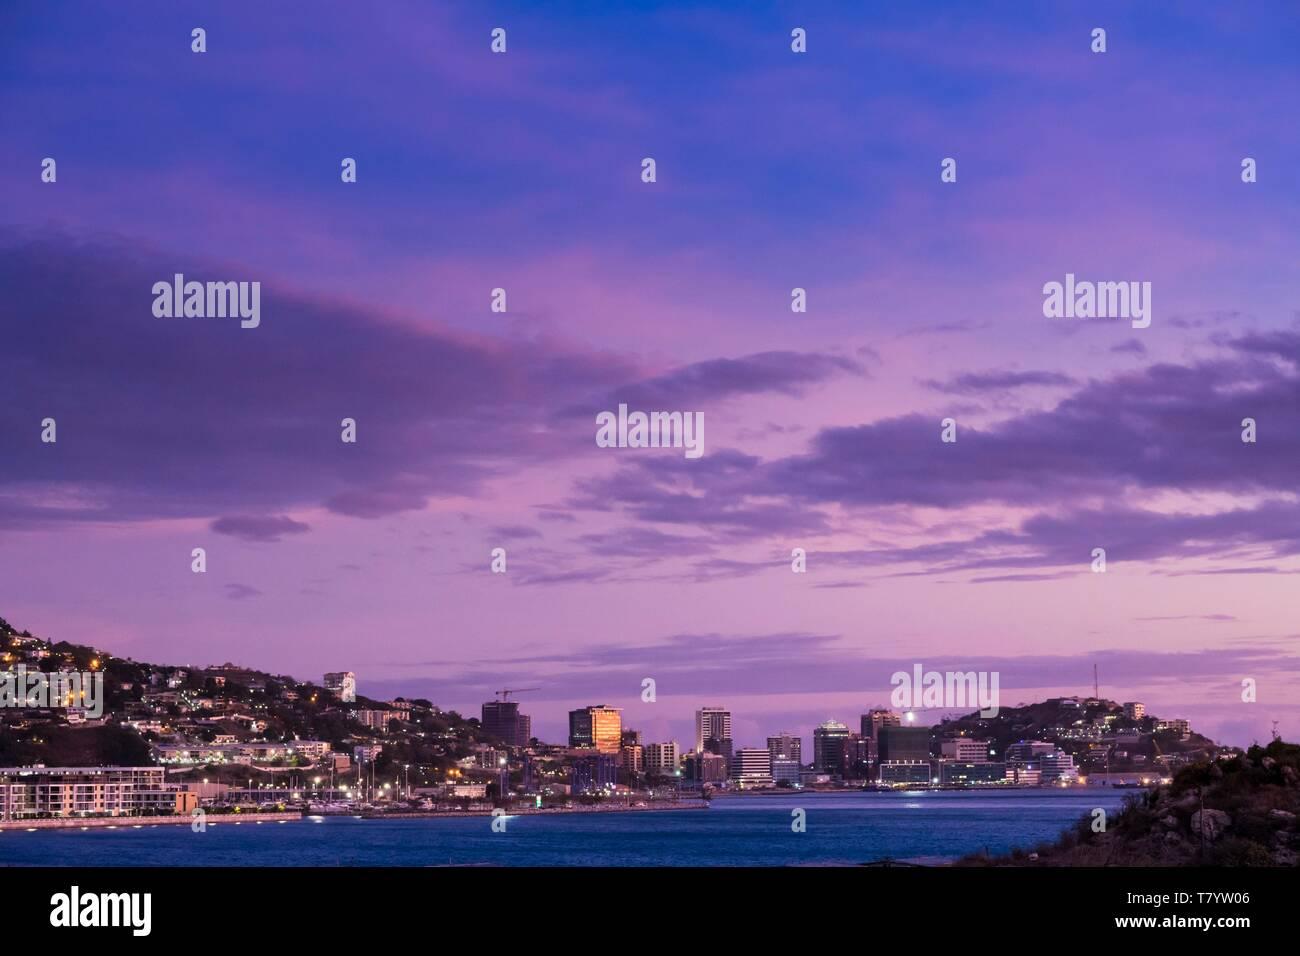 La Papouasie-Nouvelle-Guinée, District de la capitale nationale, Port Moresby, ville de Port Moresby Photo Stock